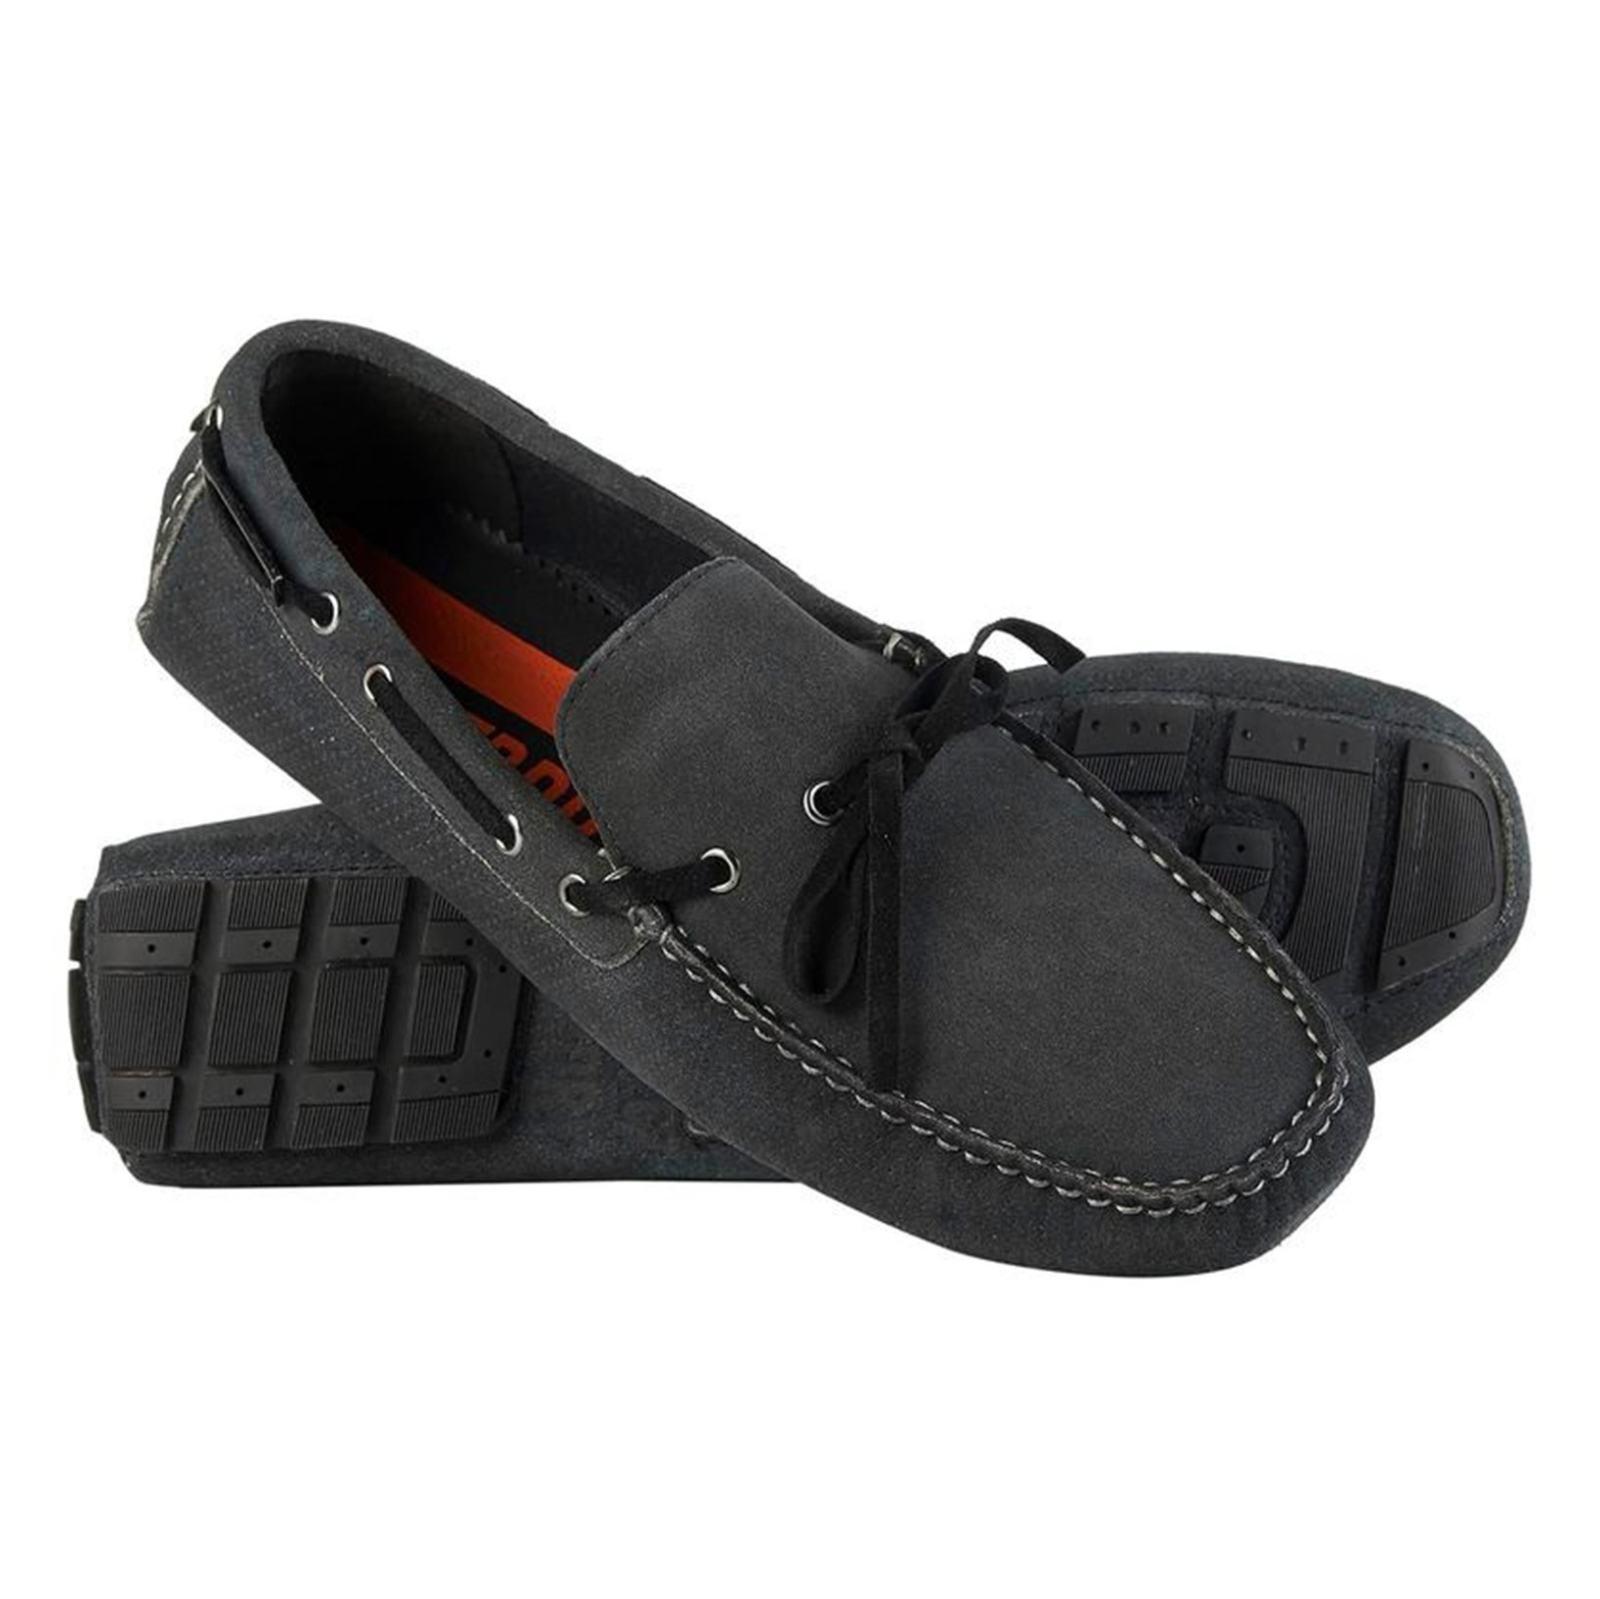 کفش راحتی چرم مردانه Driver - سوپردرای - زغالي - 7